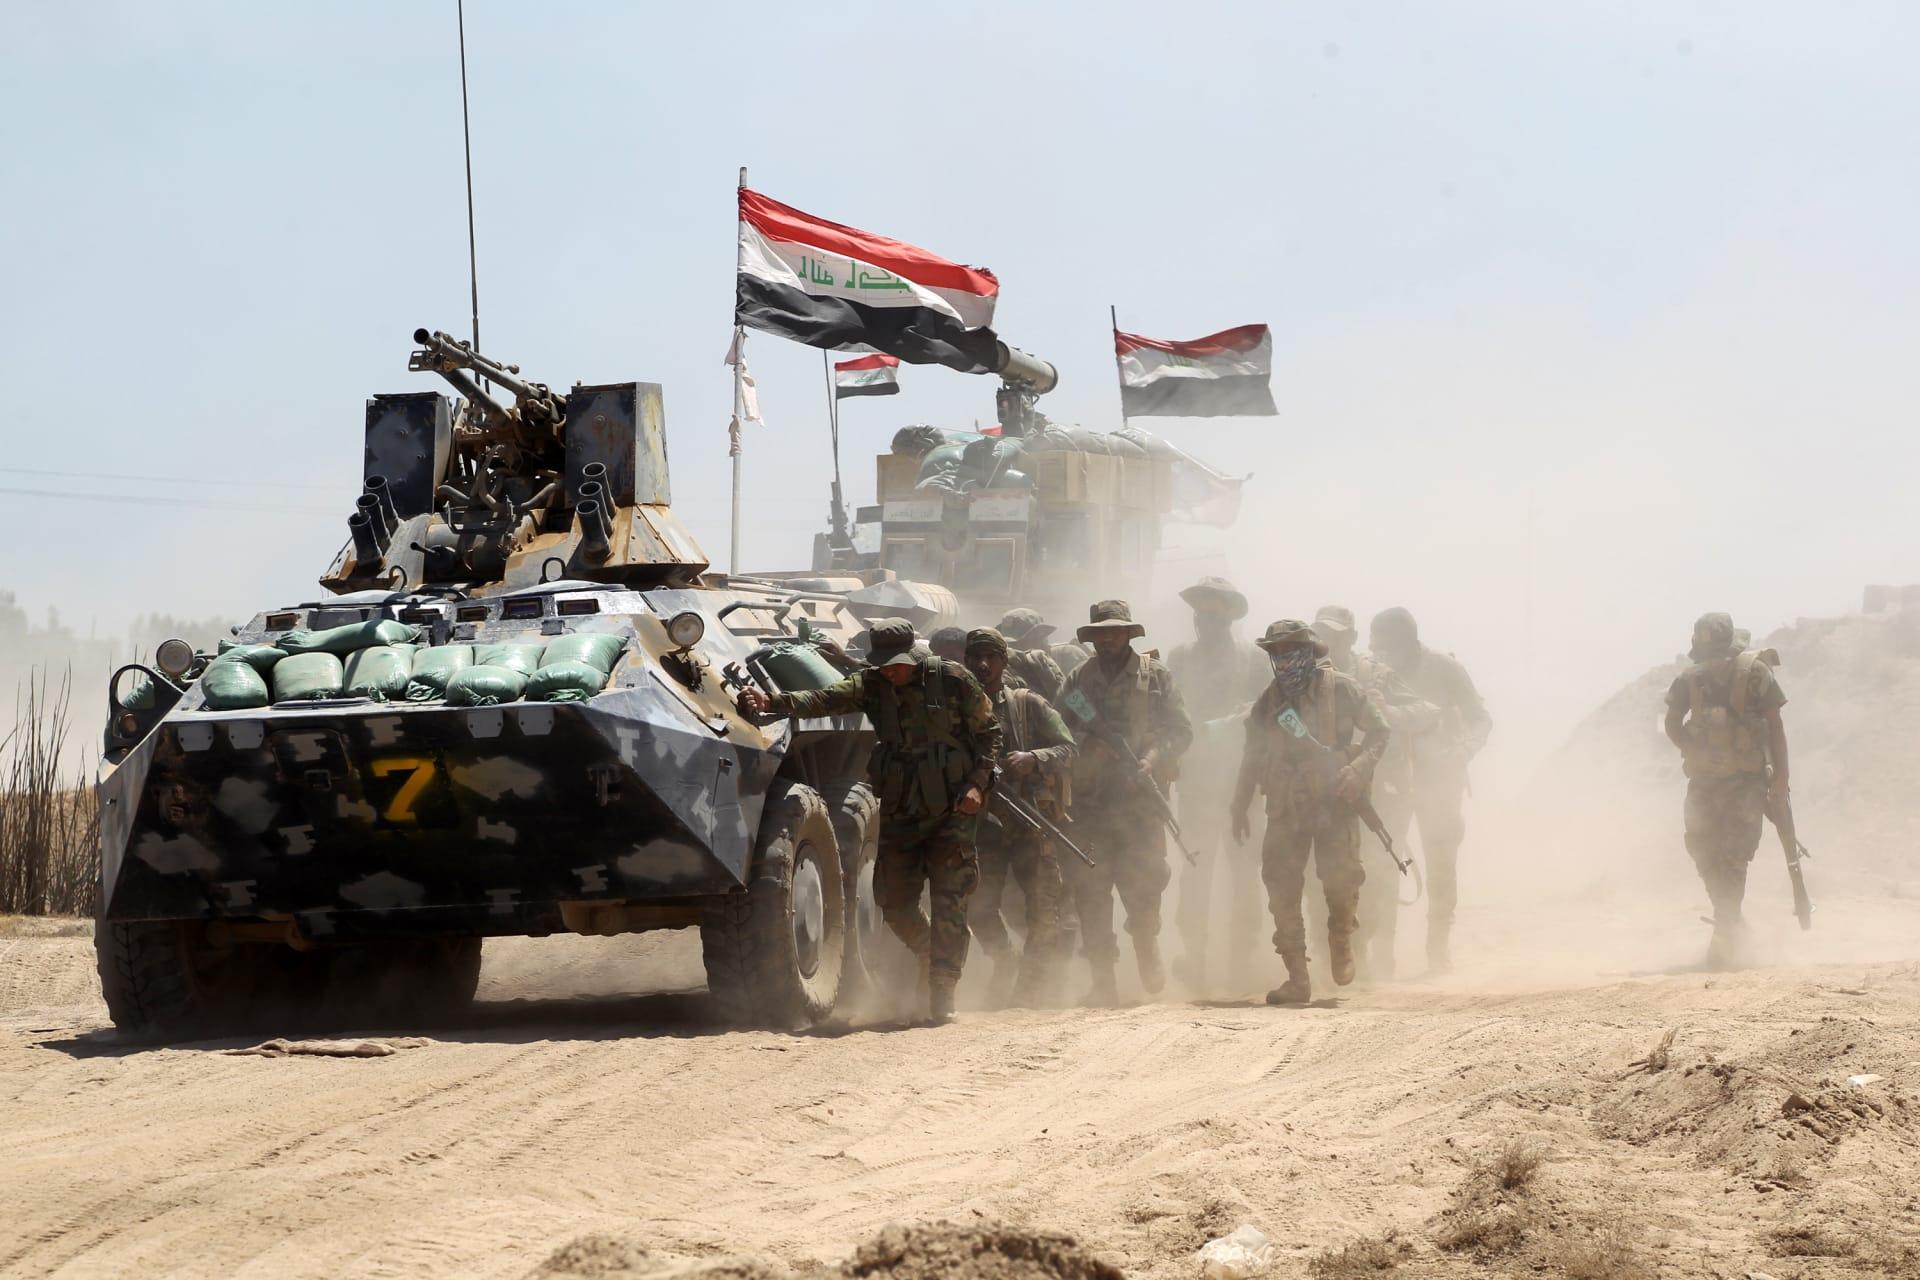 بالفيديو.. الدفاع العراقي: قواتنا تكبد داعش خسائر كبيرة بالأرواح والمعدات بالمحور الشرقي لتحرير الفلوجة